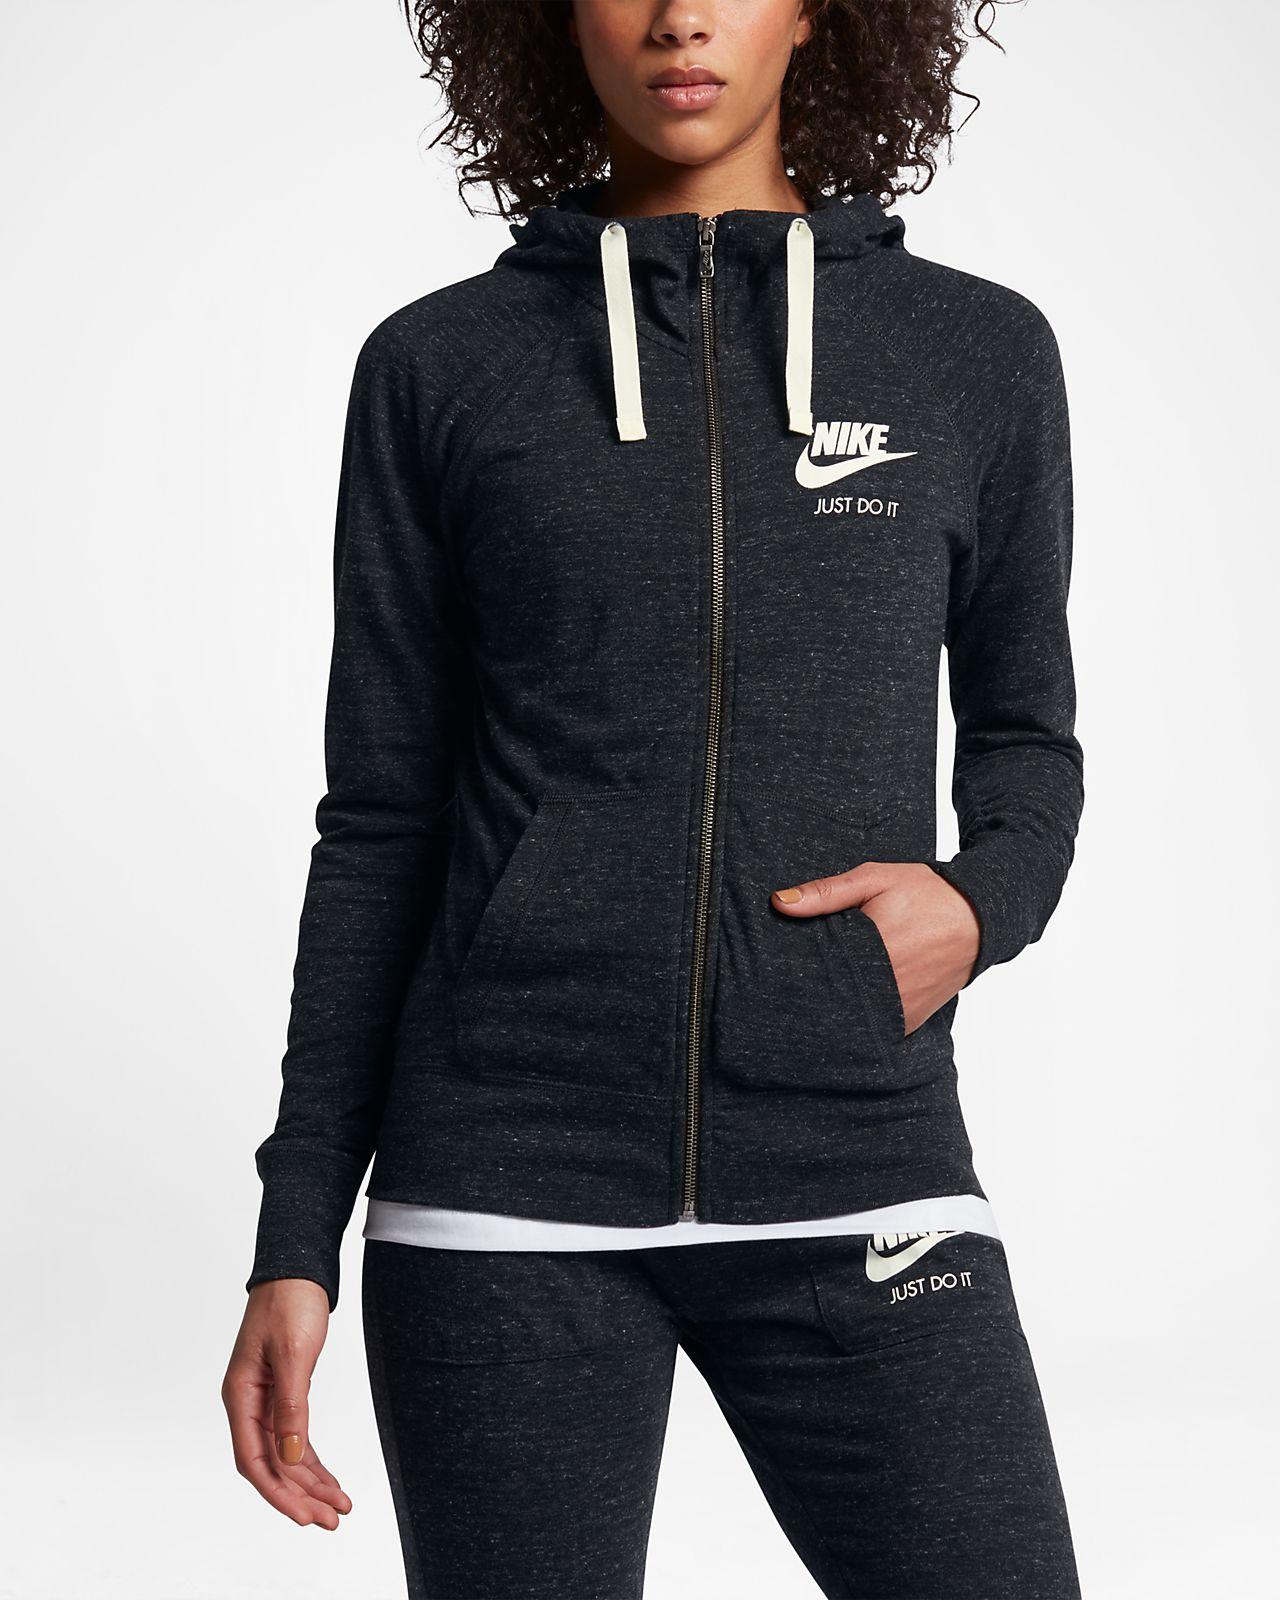 Populære Nike Sportswear Gym Vintage – hættetrøje med lynlås til kvinder KP-68